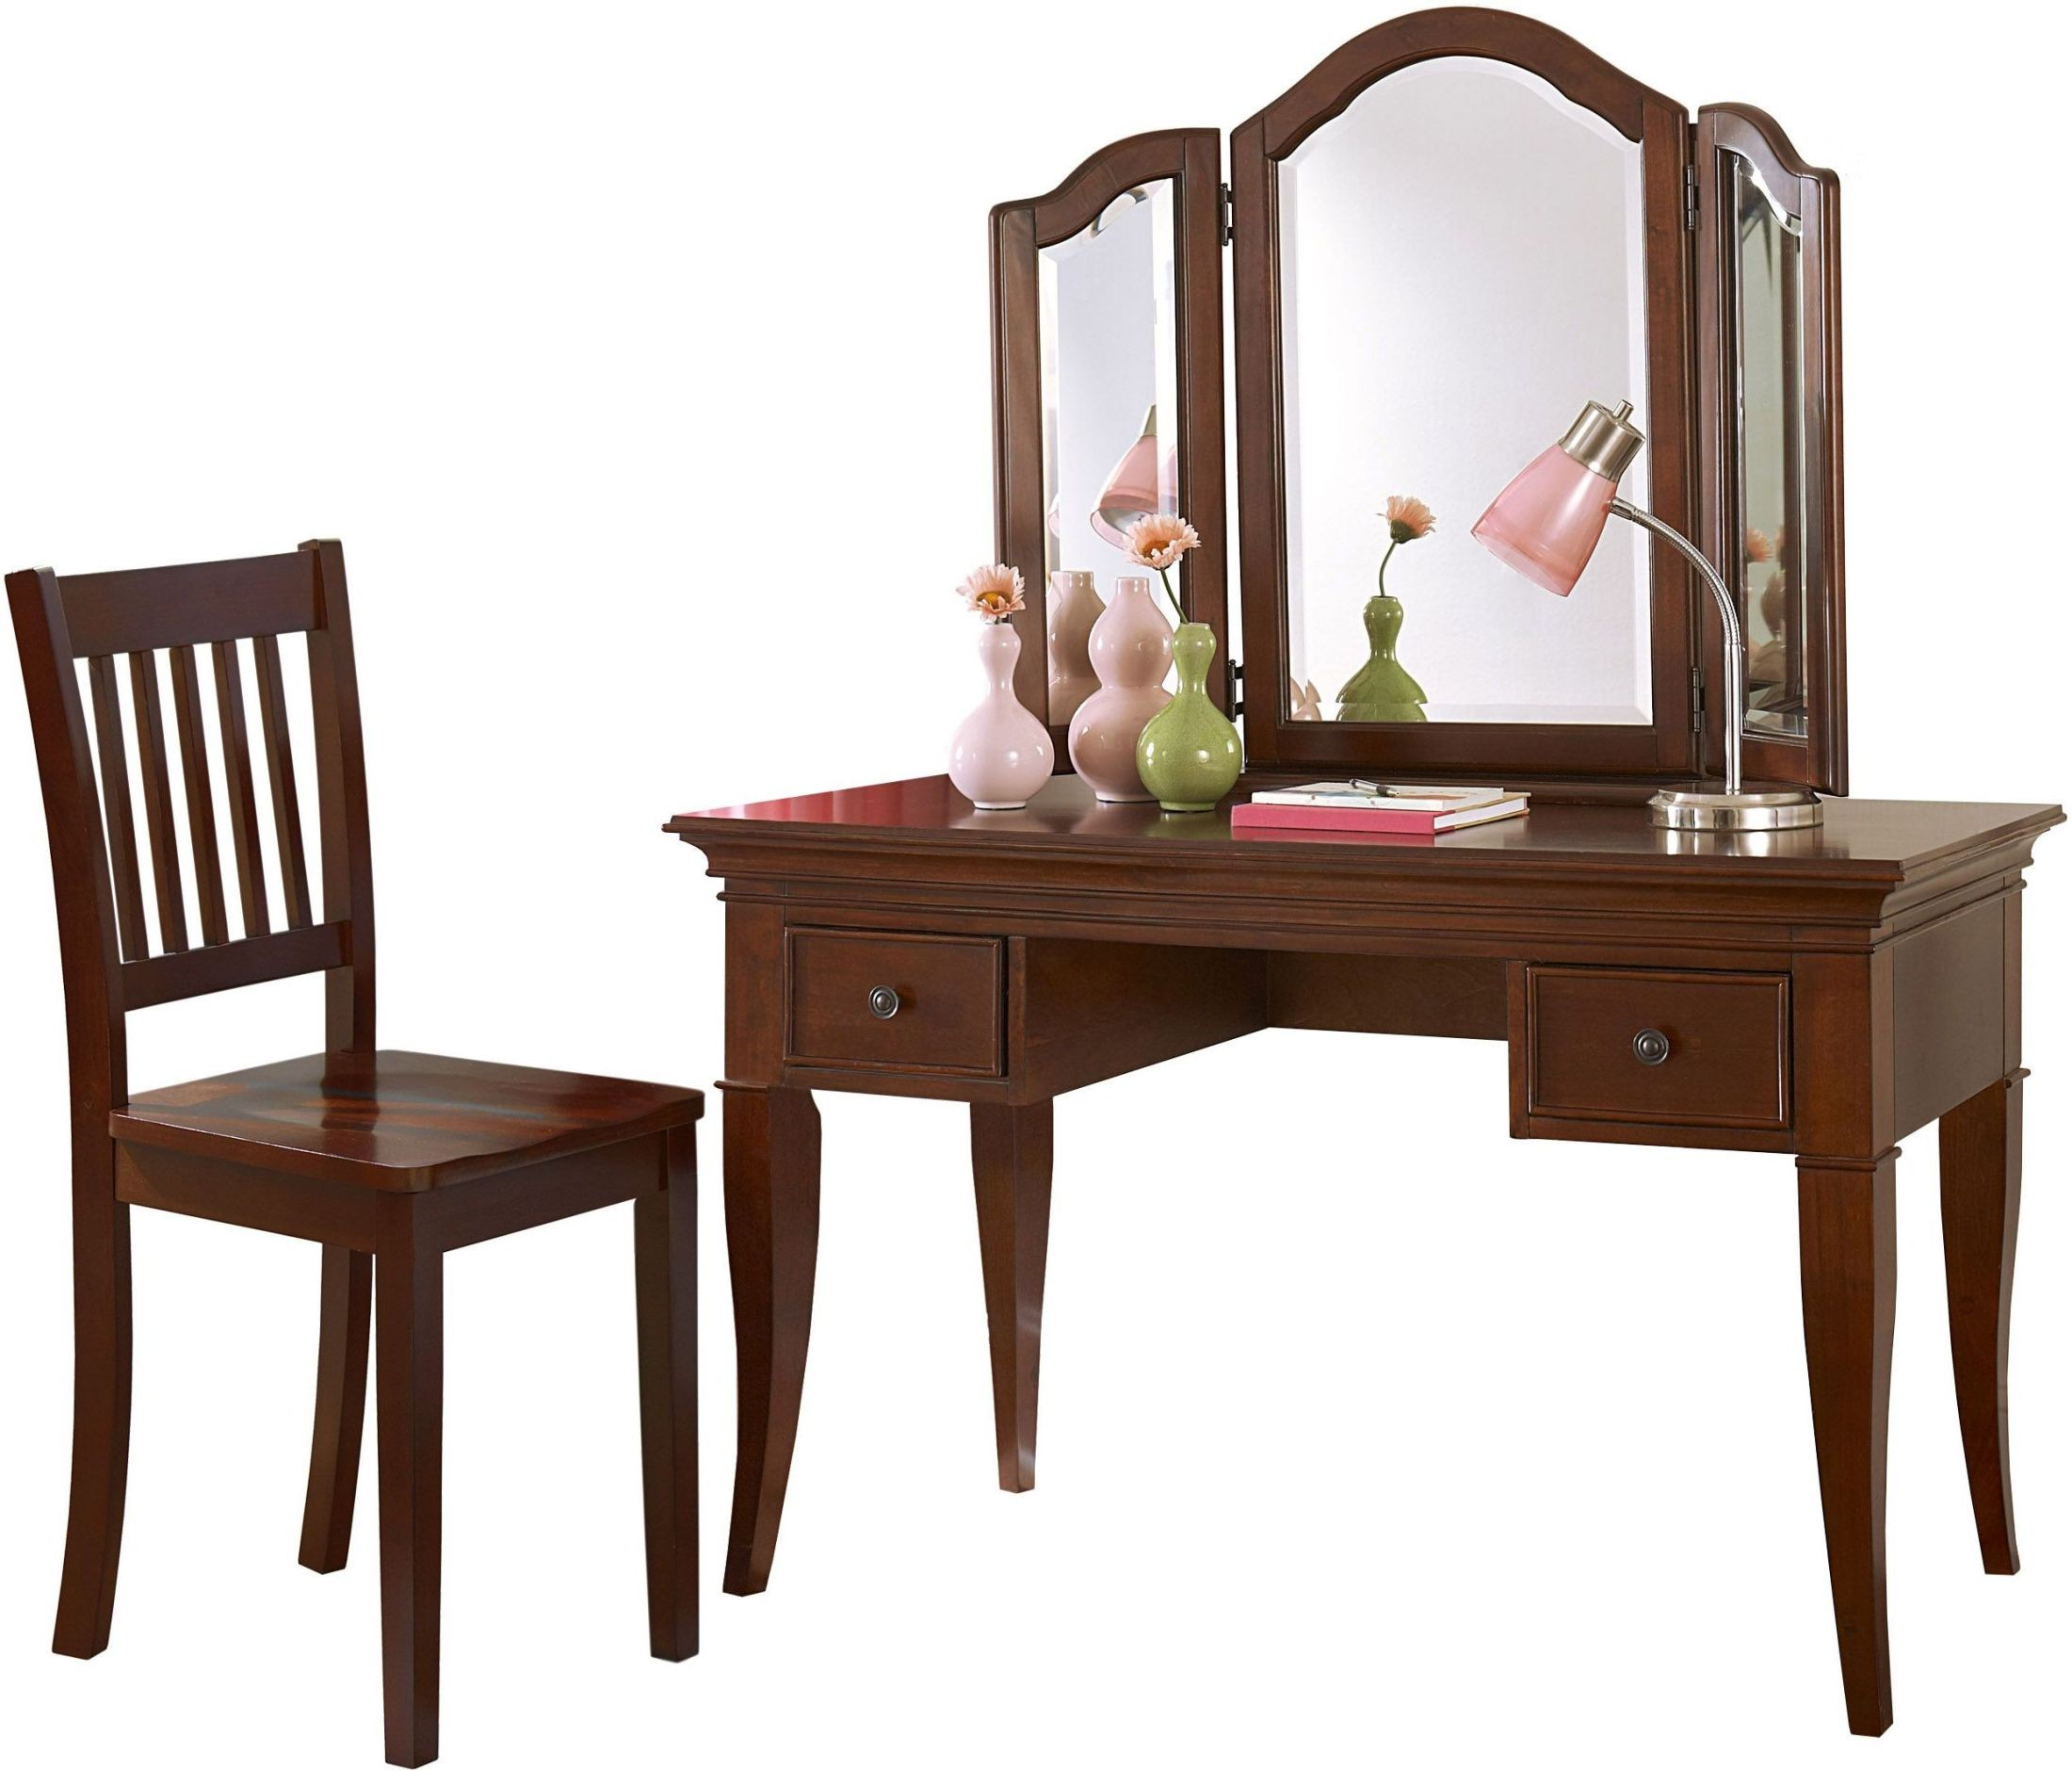 Walnut Street Chestnut Desk With Mirror & Chair from NE ...